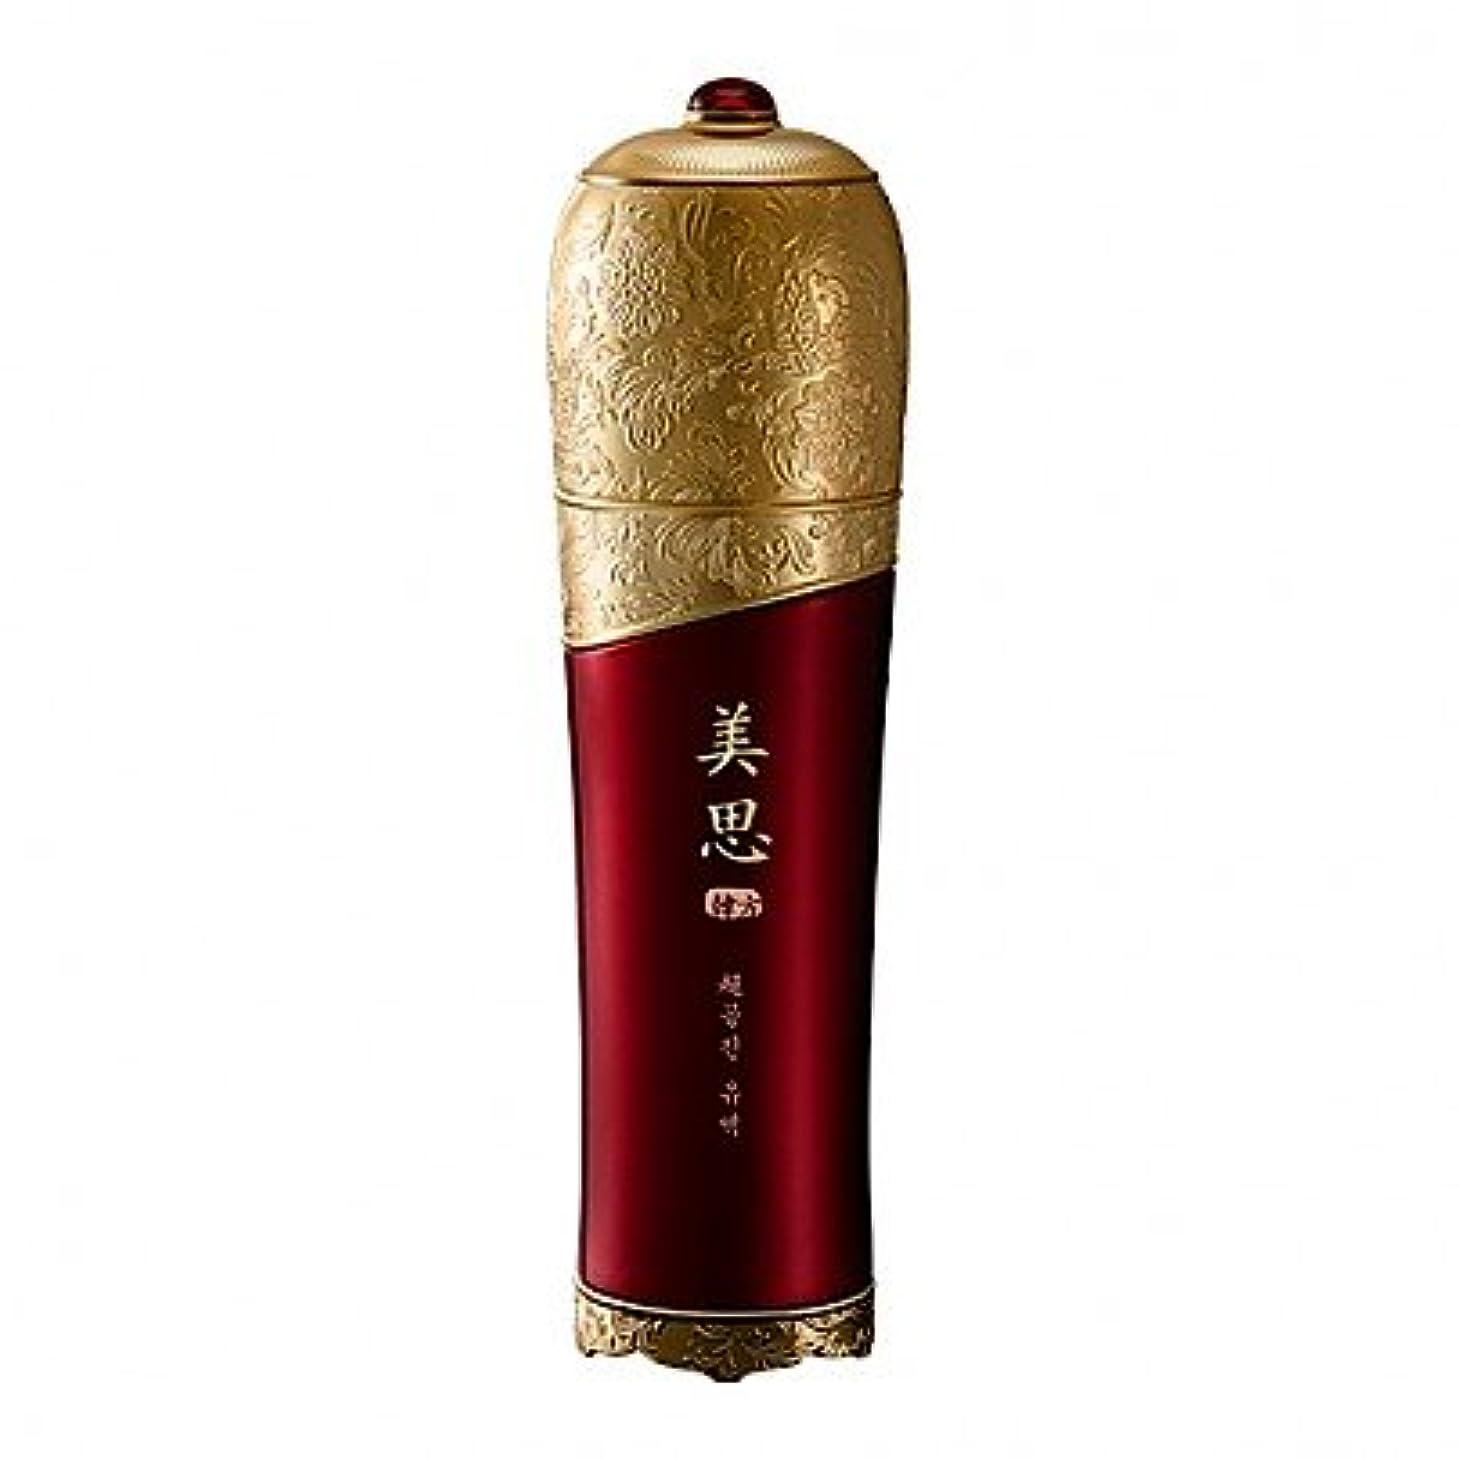 接続詞天能力MISSHA/ミシャ チョゴンジン 乳液 (旧チョボヤン) 125ml[海外直送品]